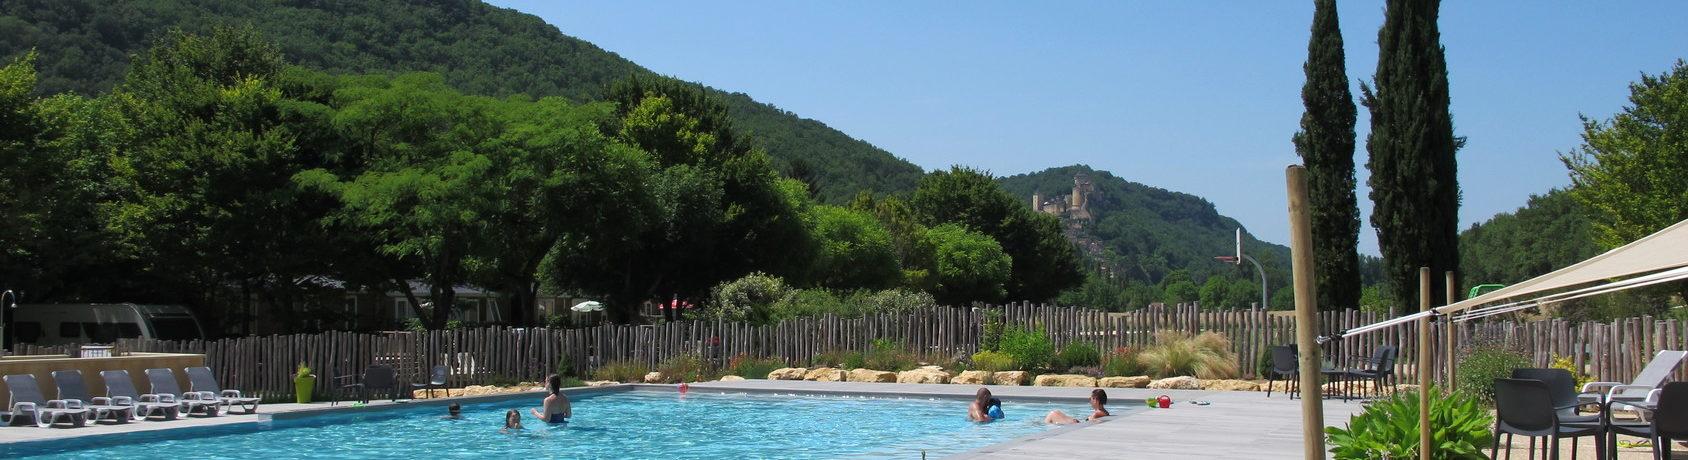 Camping Maisonneuve in Castelnaud-la-Chapelle is een familiecamping op een groen kampeerterrein in de Périgord Noir in de Dordogne in de Aquitaine.